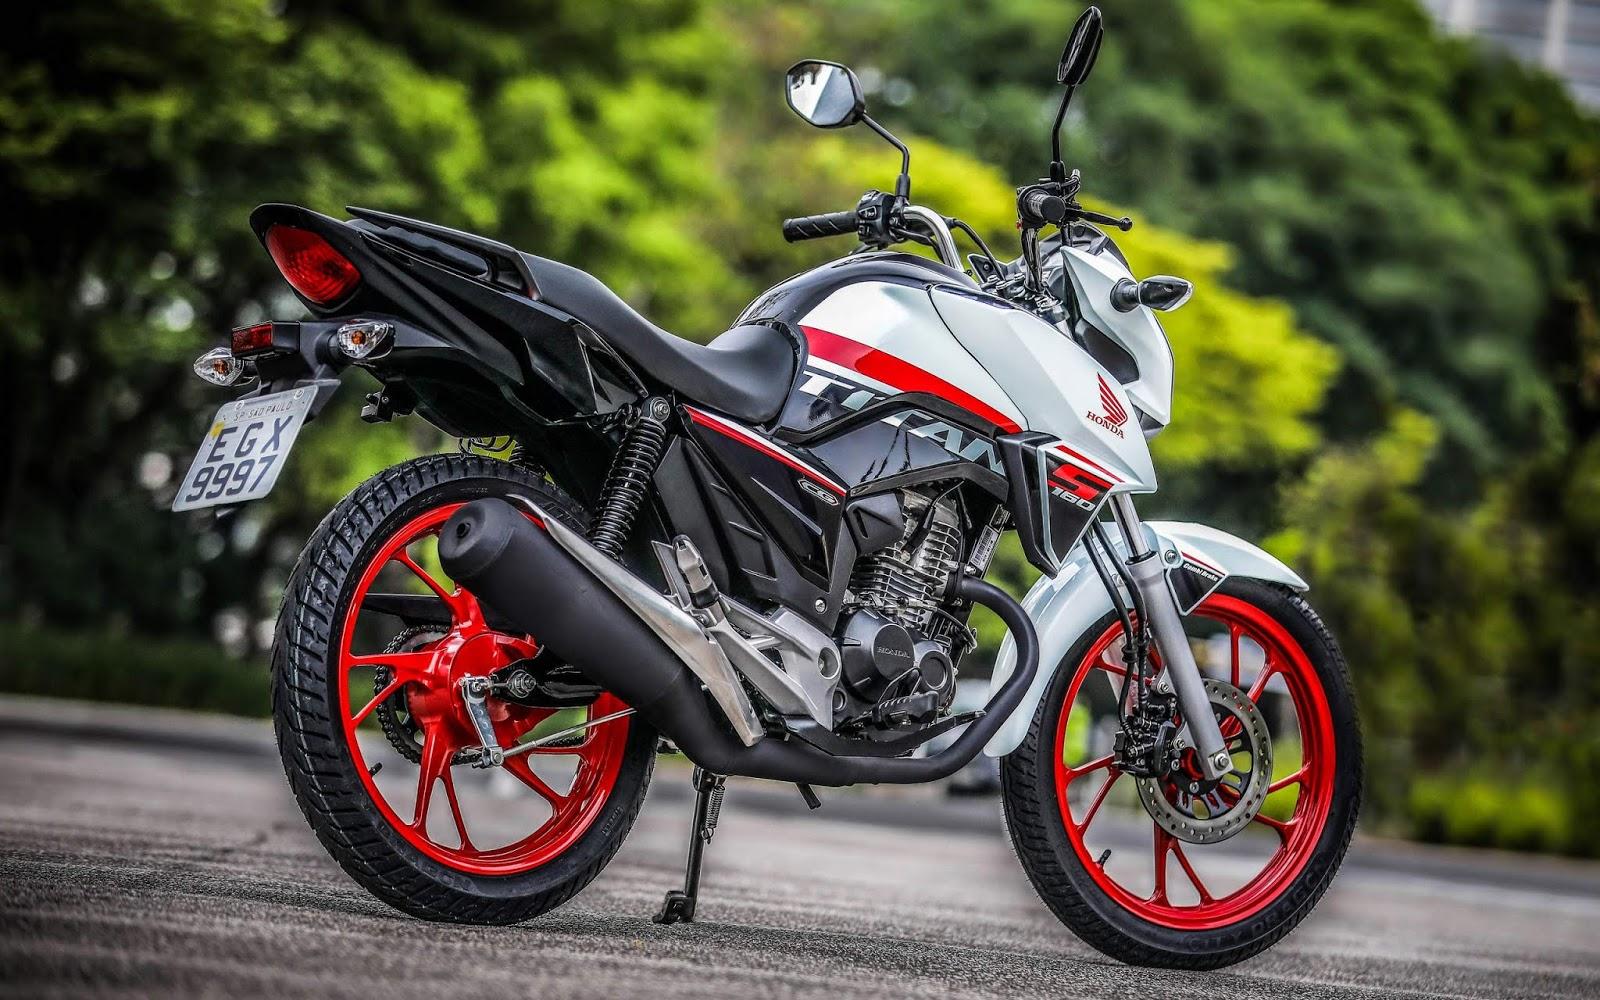 Motos e montadoras mais vendidas do Brasil em abril de 2021